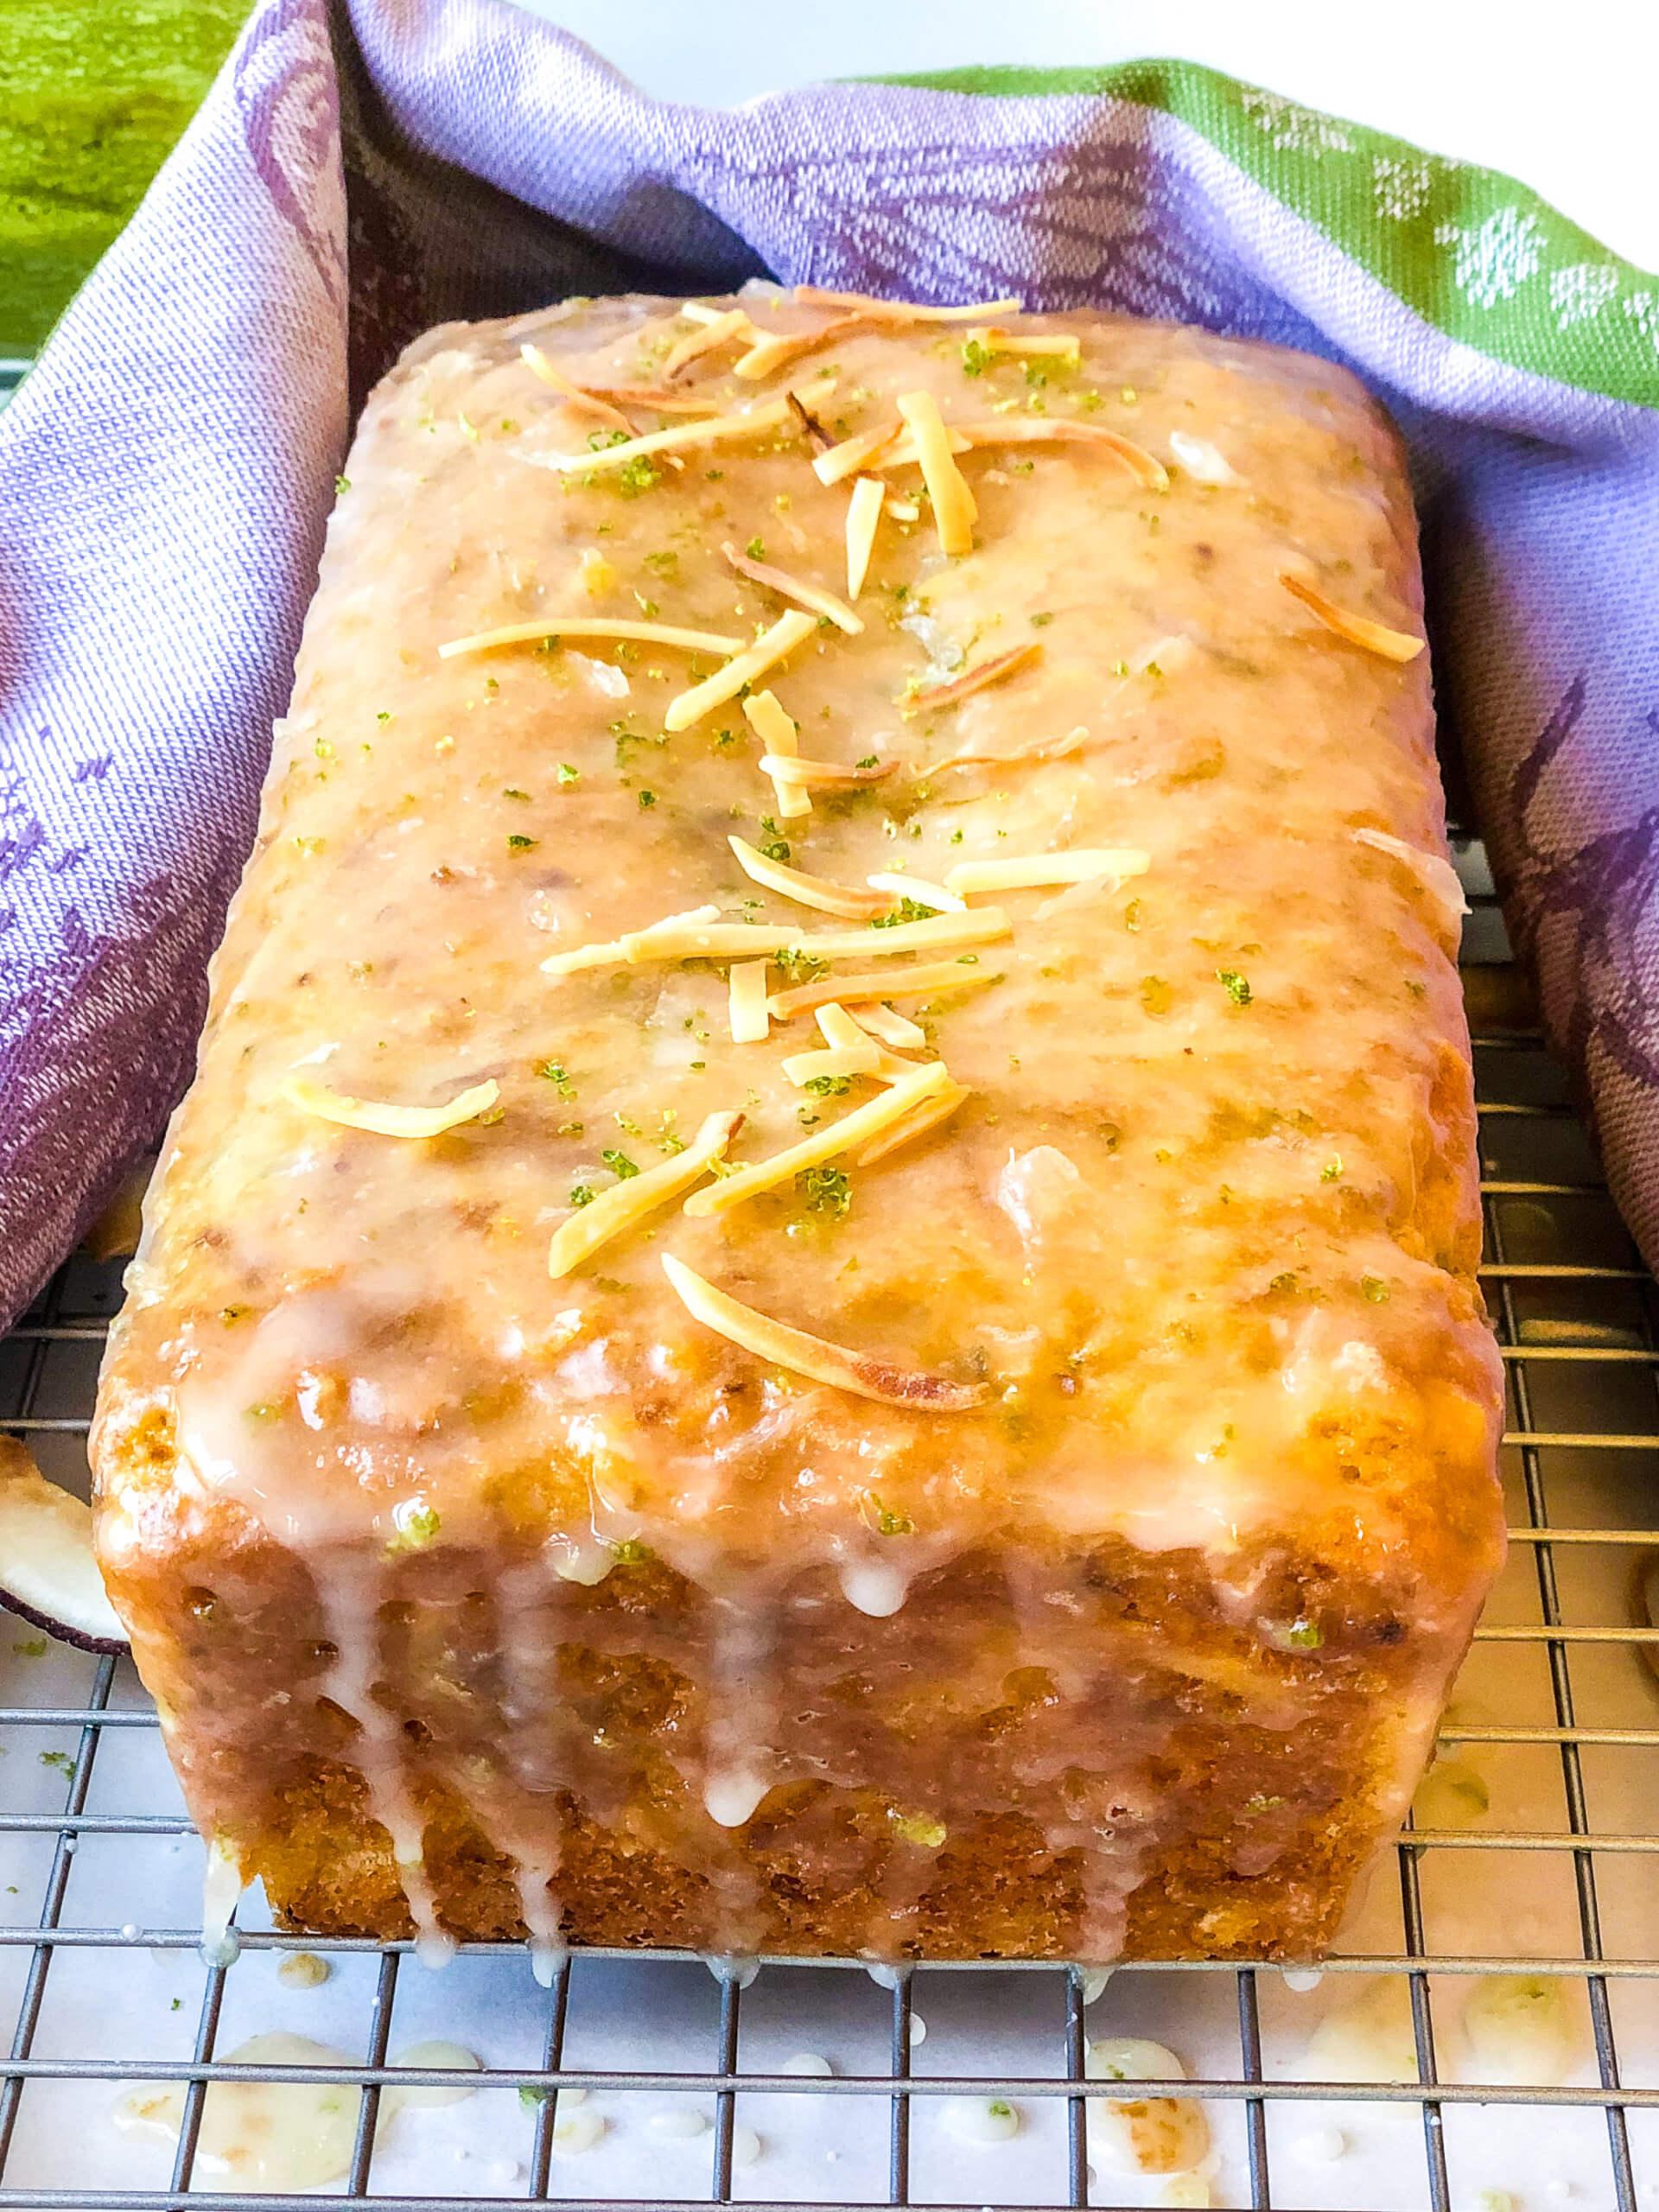 Shows shiny glaze for zucchini bread recipe